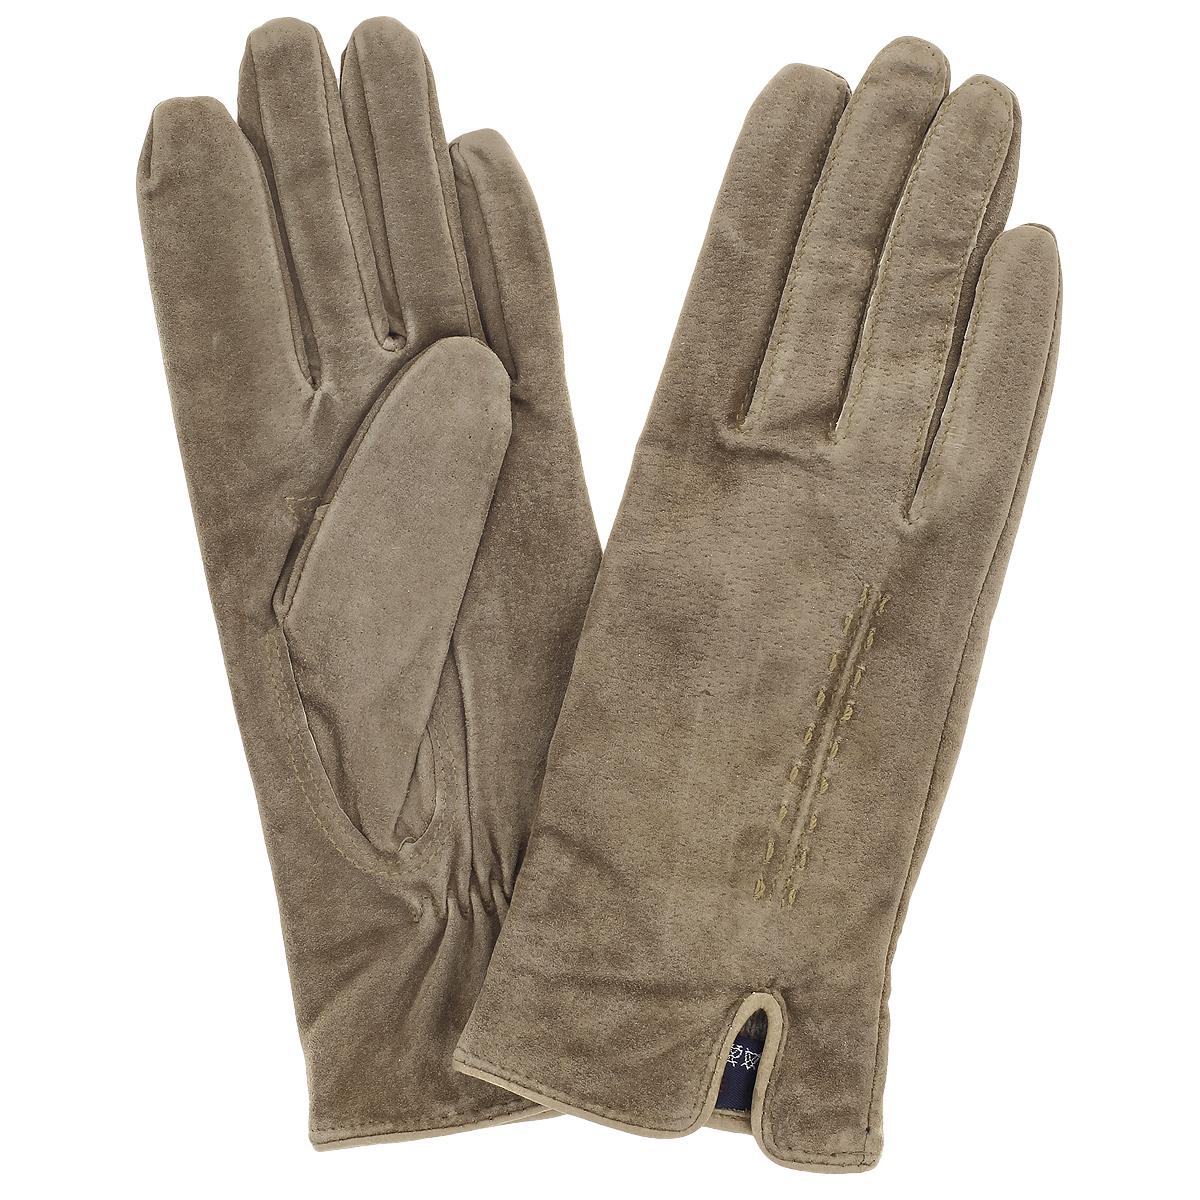 Перчатки женские Dali Exclusive, цвет: светло-коричневый. S13_ALINA/MARON//11. Размер 6S13_ALINA/MARON//11Стильные перчатки Dali Exclusive с шерстяной подкладкой выполнены из мягкой и приятной на ощупь натуральной замши. Лицевая сторона оформлена декоративными стежками и дополнена небольшим разрезом. Такие перчатки подчеркнут ваш стиль и неповторимость и придадут всему образу нотки женственности и элегантности.